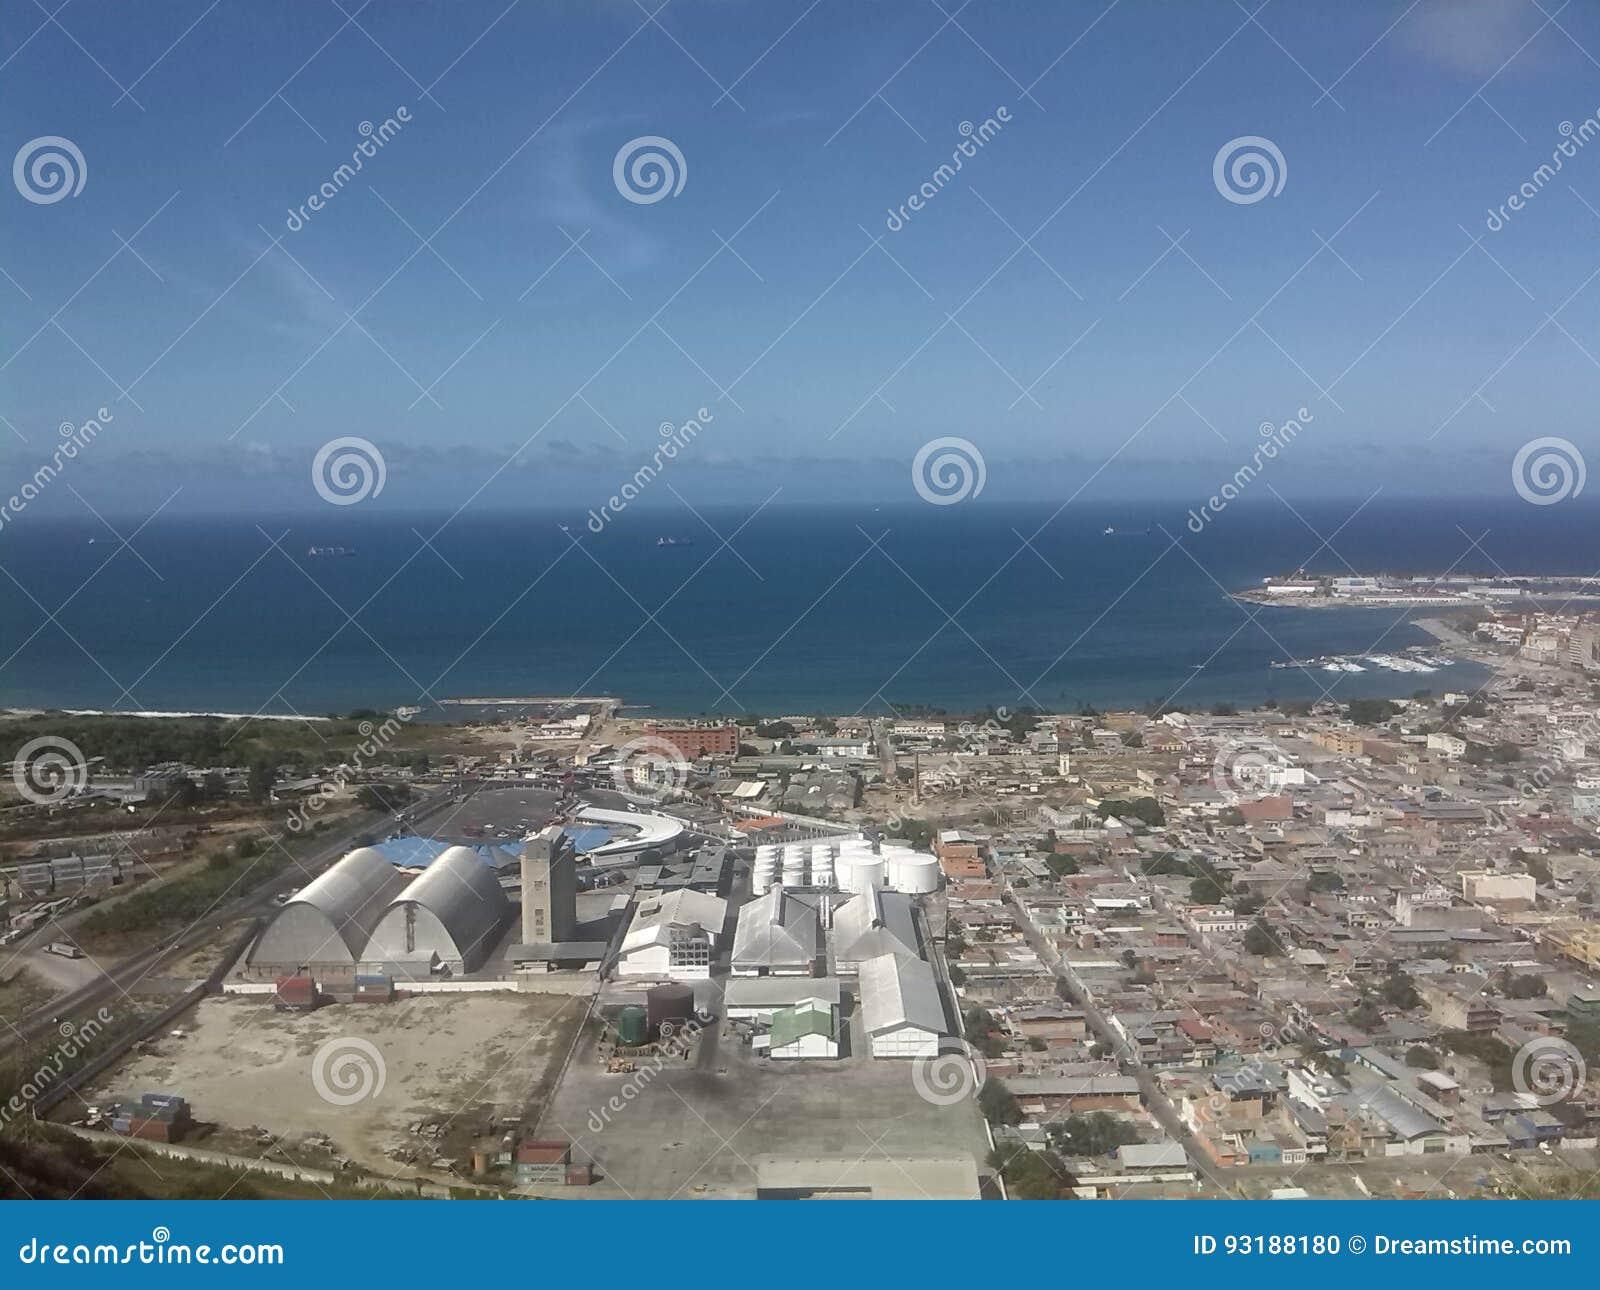 Puerto Cabello Venezuela